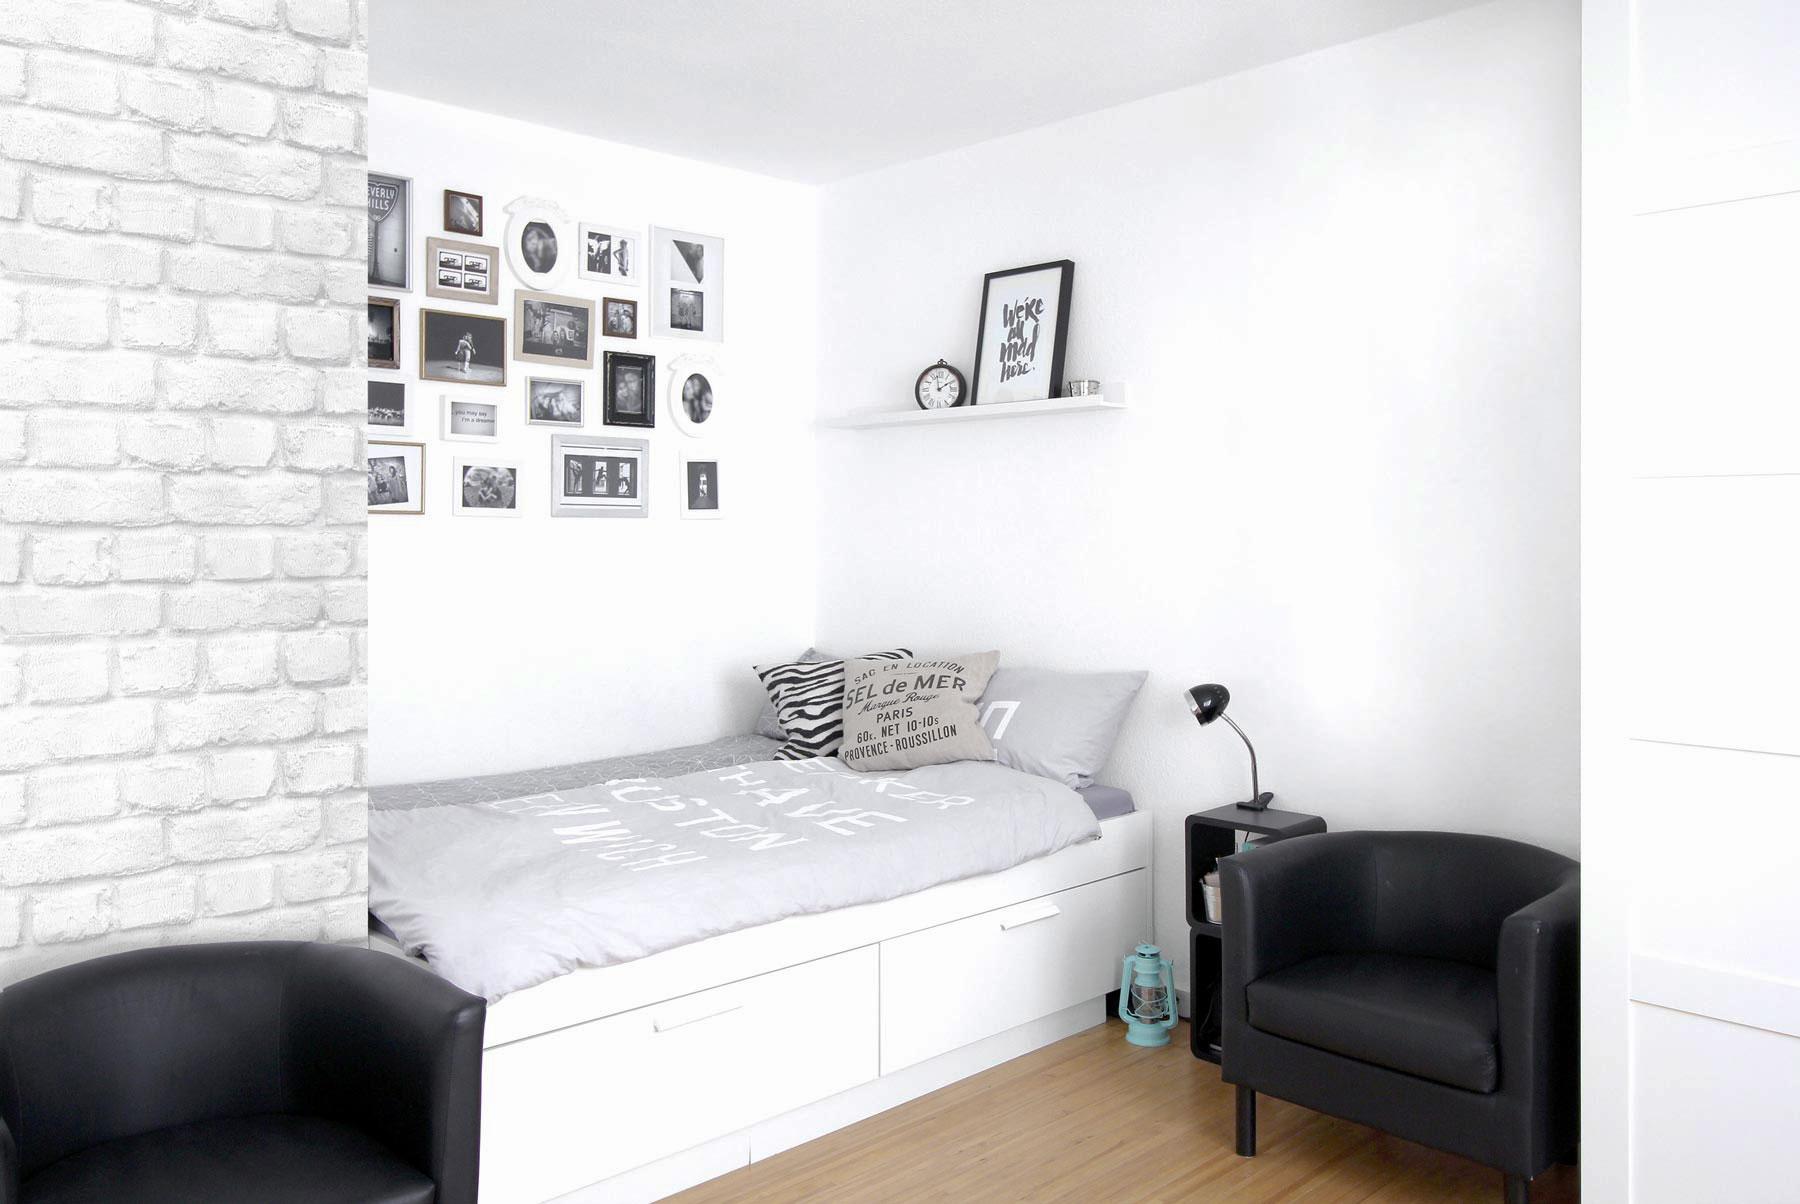 Ein Bett mit Schubladen sorgt für Stauraum